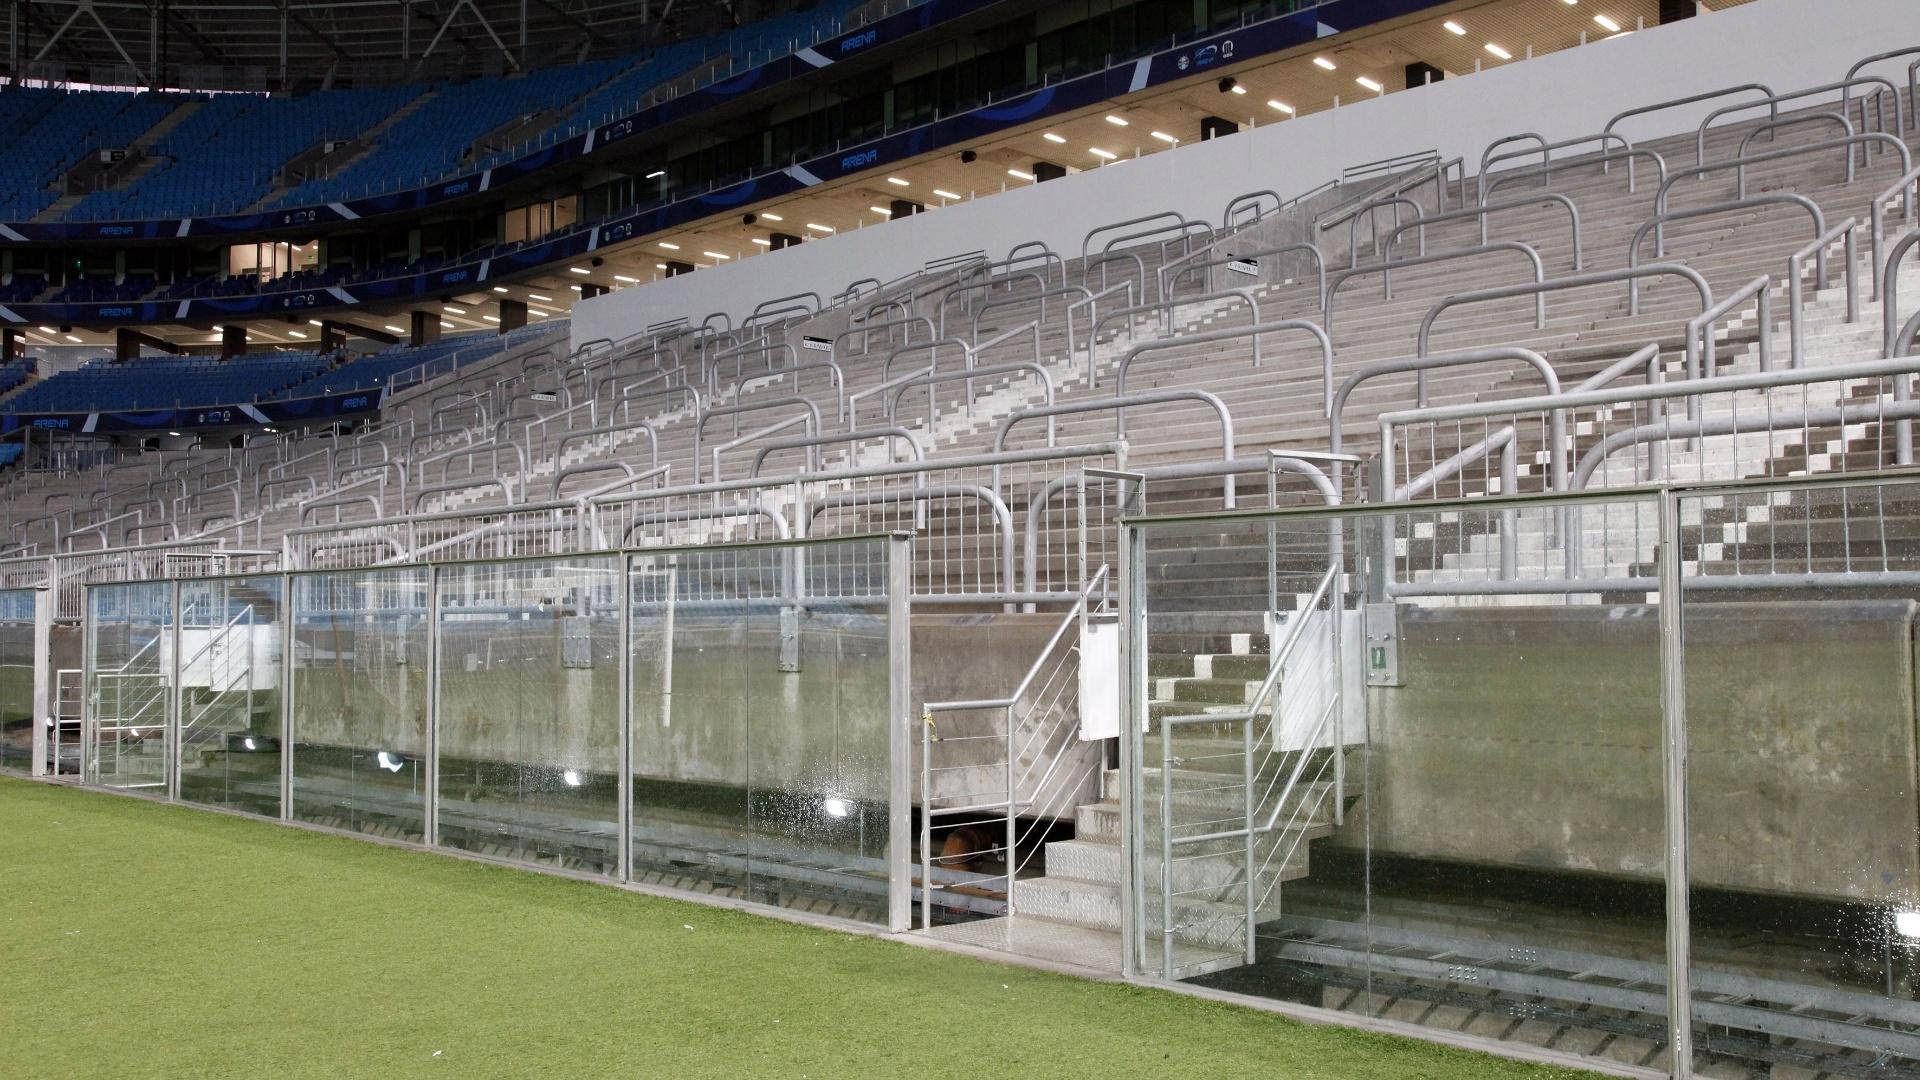 29.Mai 2013 - Arena do Grêmio com barreiras nos locais em que seria realizada avalanche